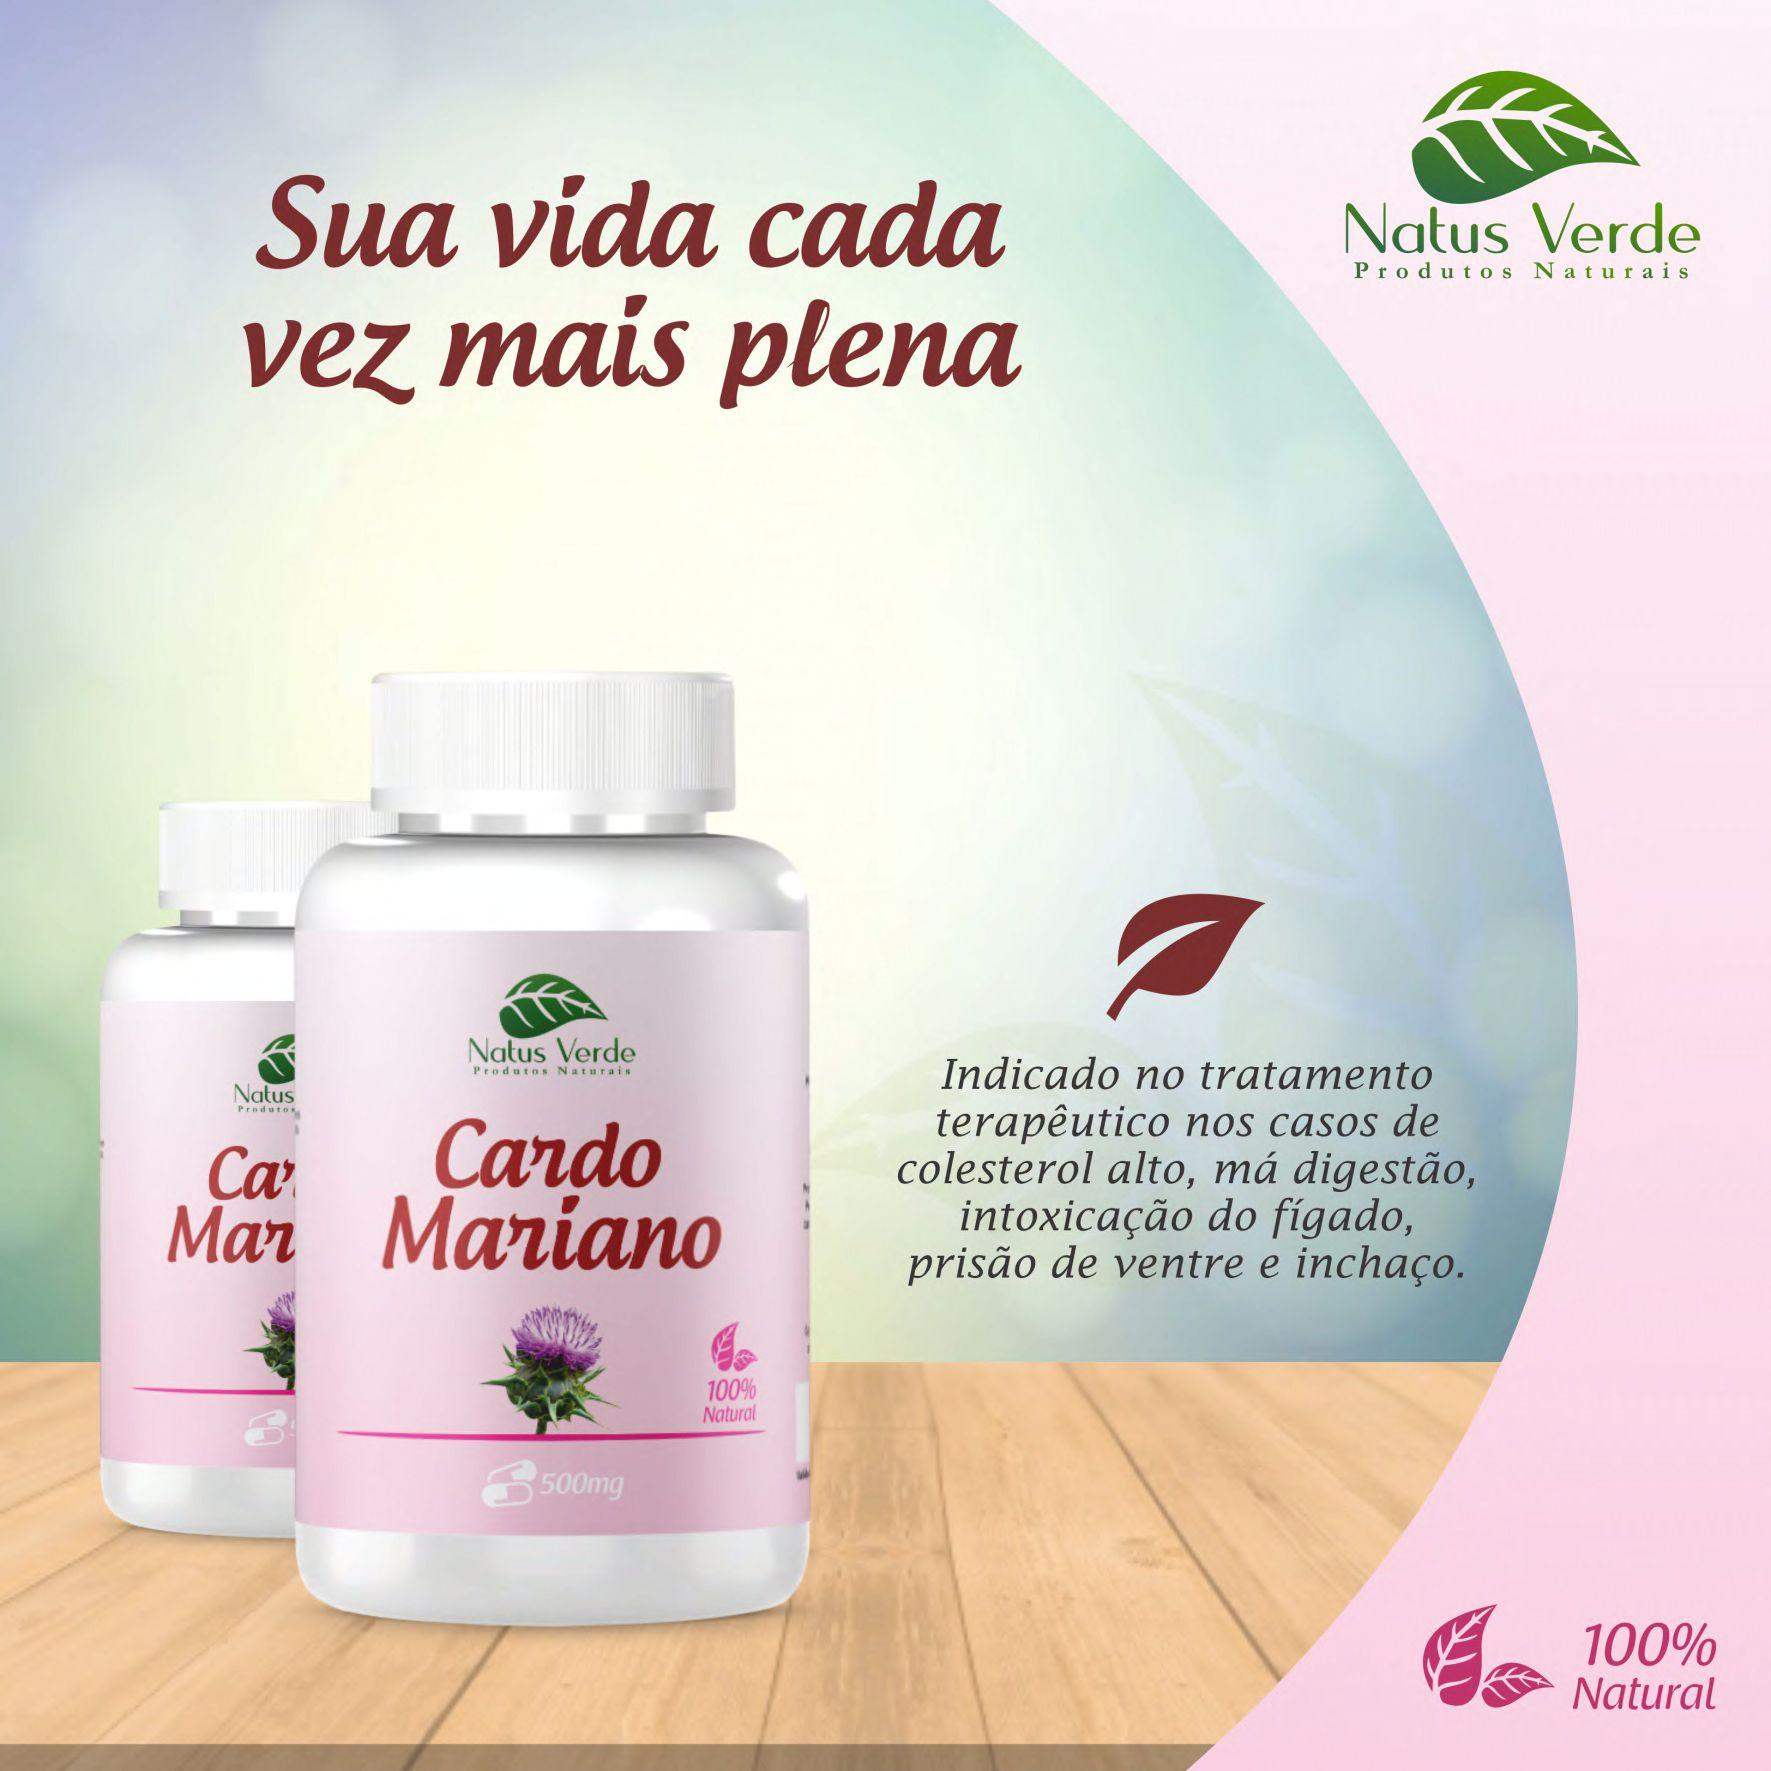 Produto Natural Cardo Mariano Natus Verde 60 caps  - Fribasex - Fabricasex.com